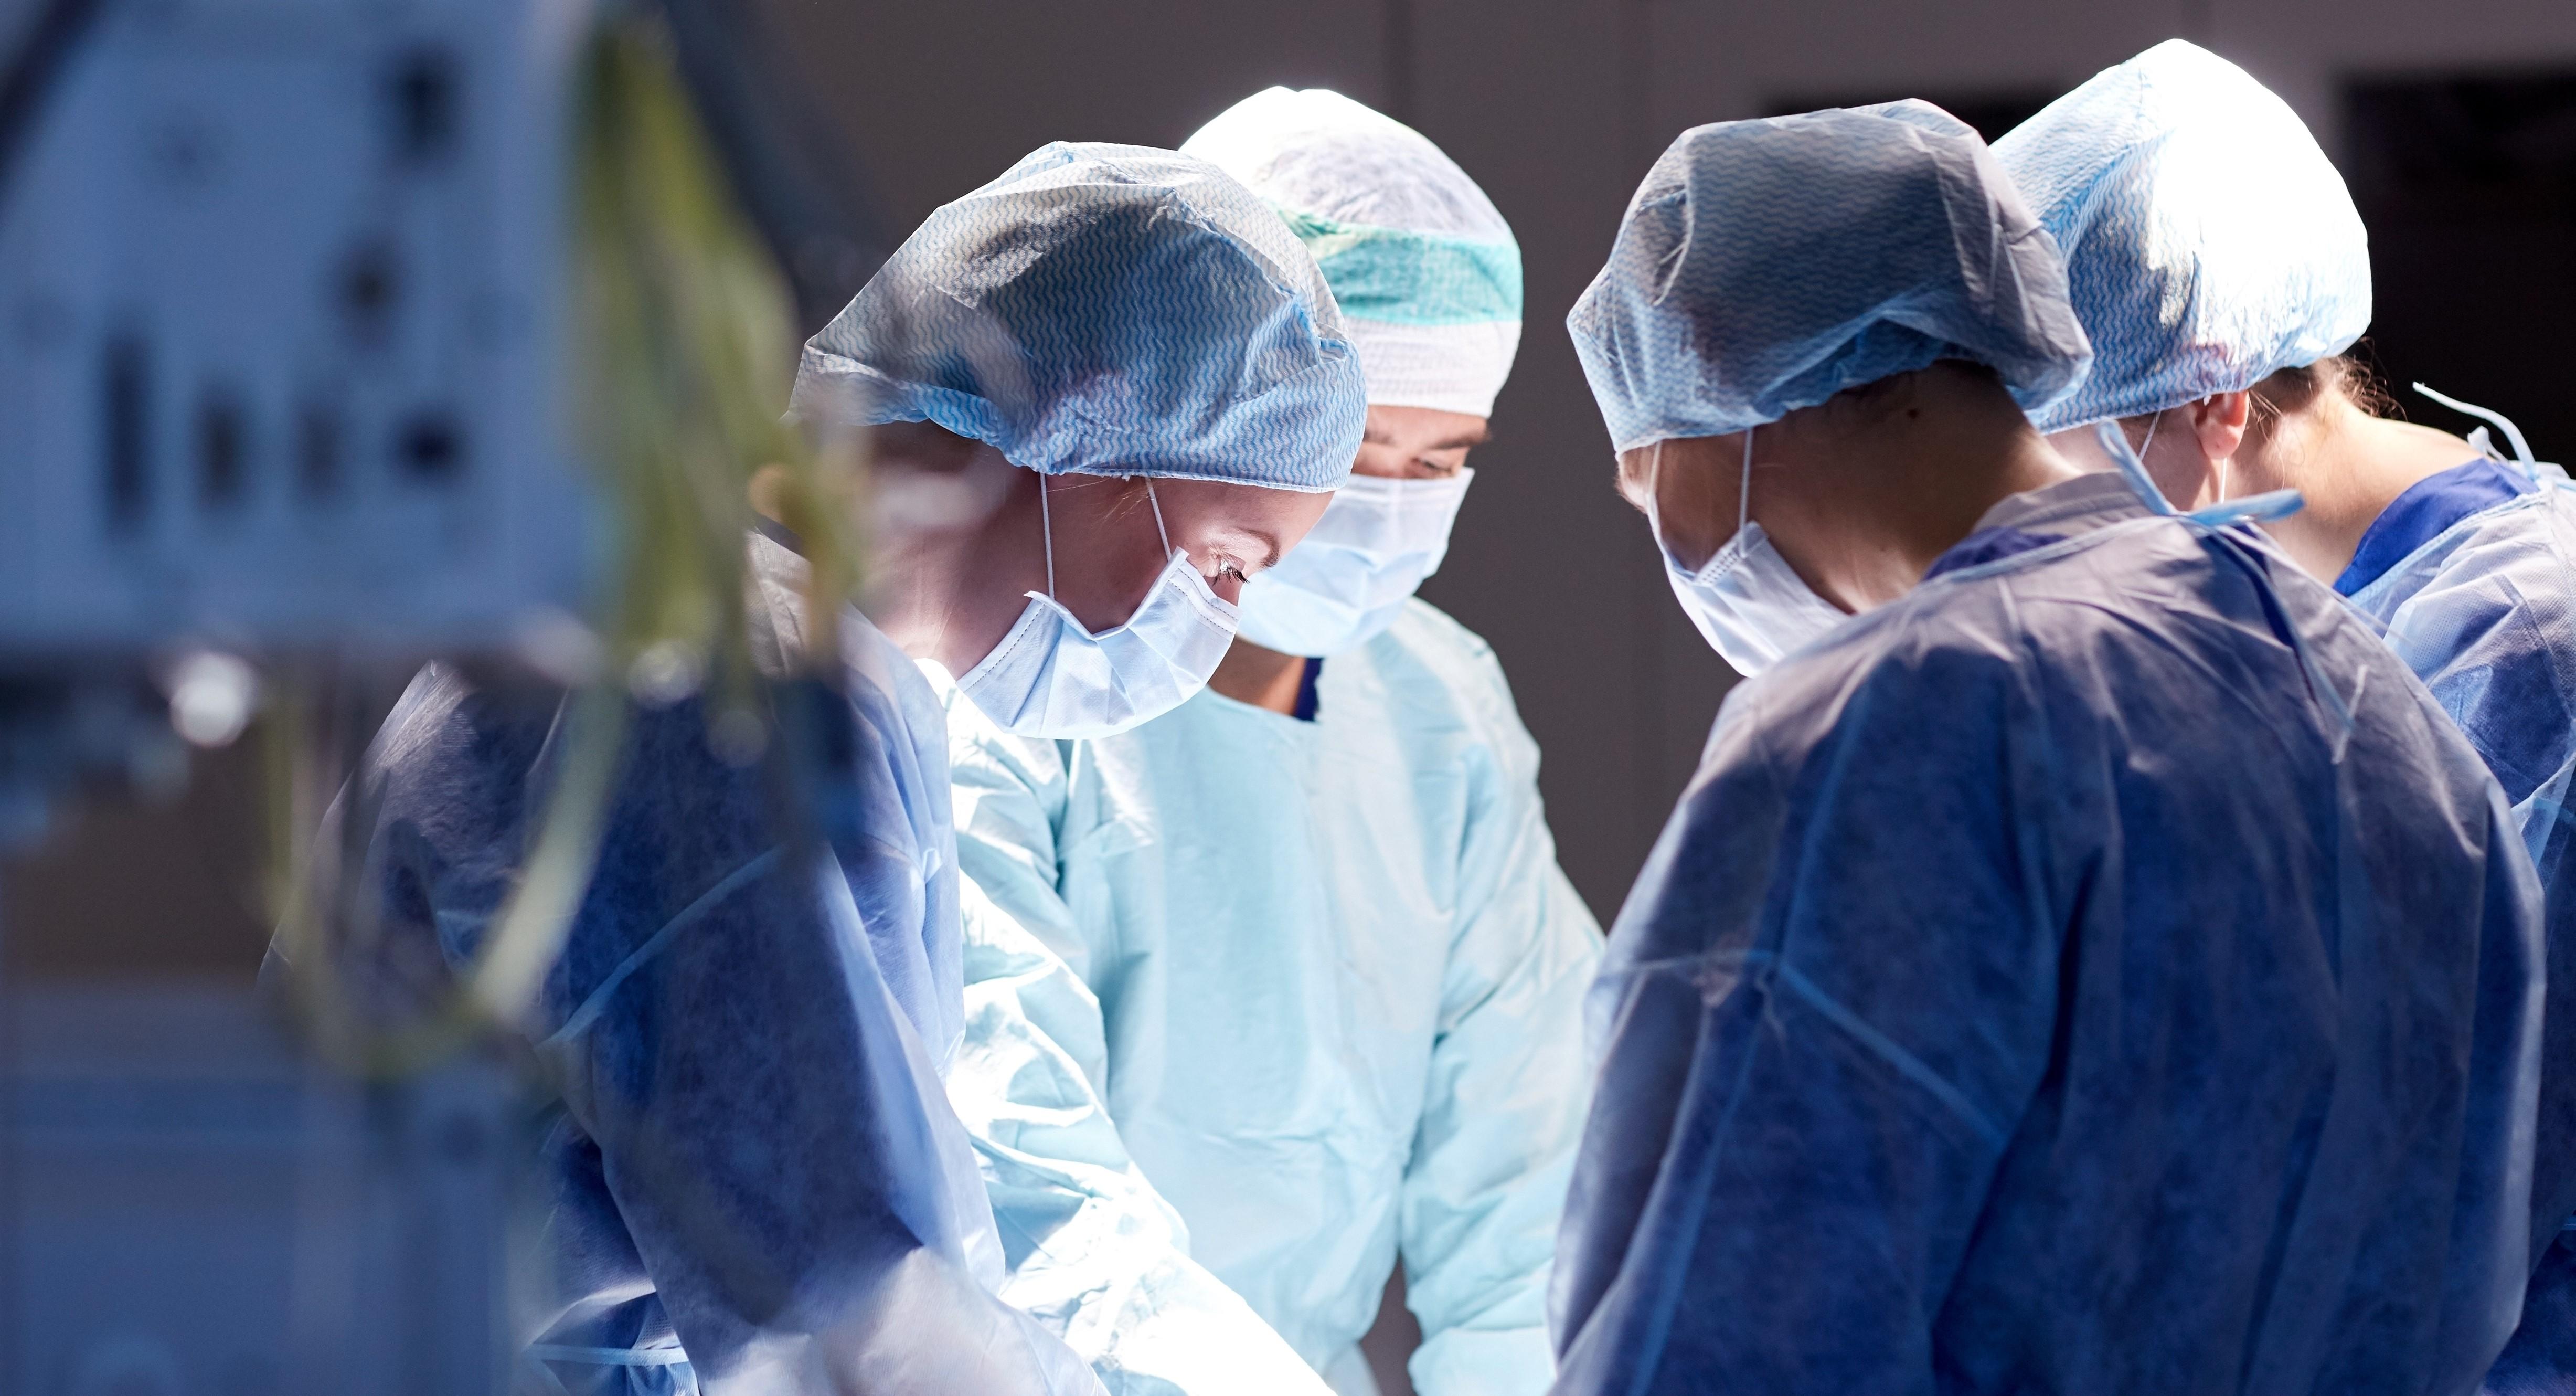 L'intervento chirurgico